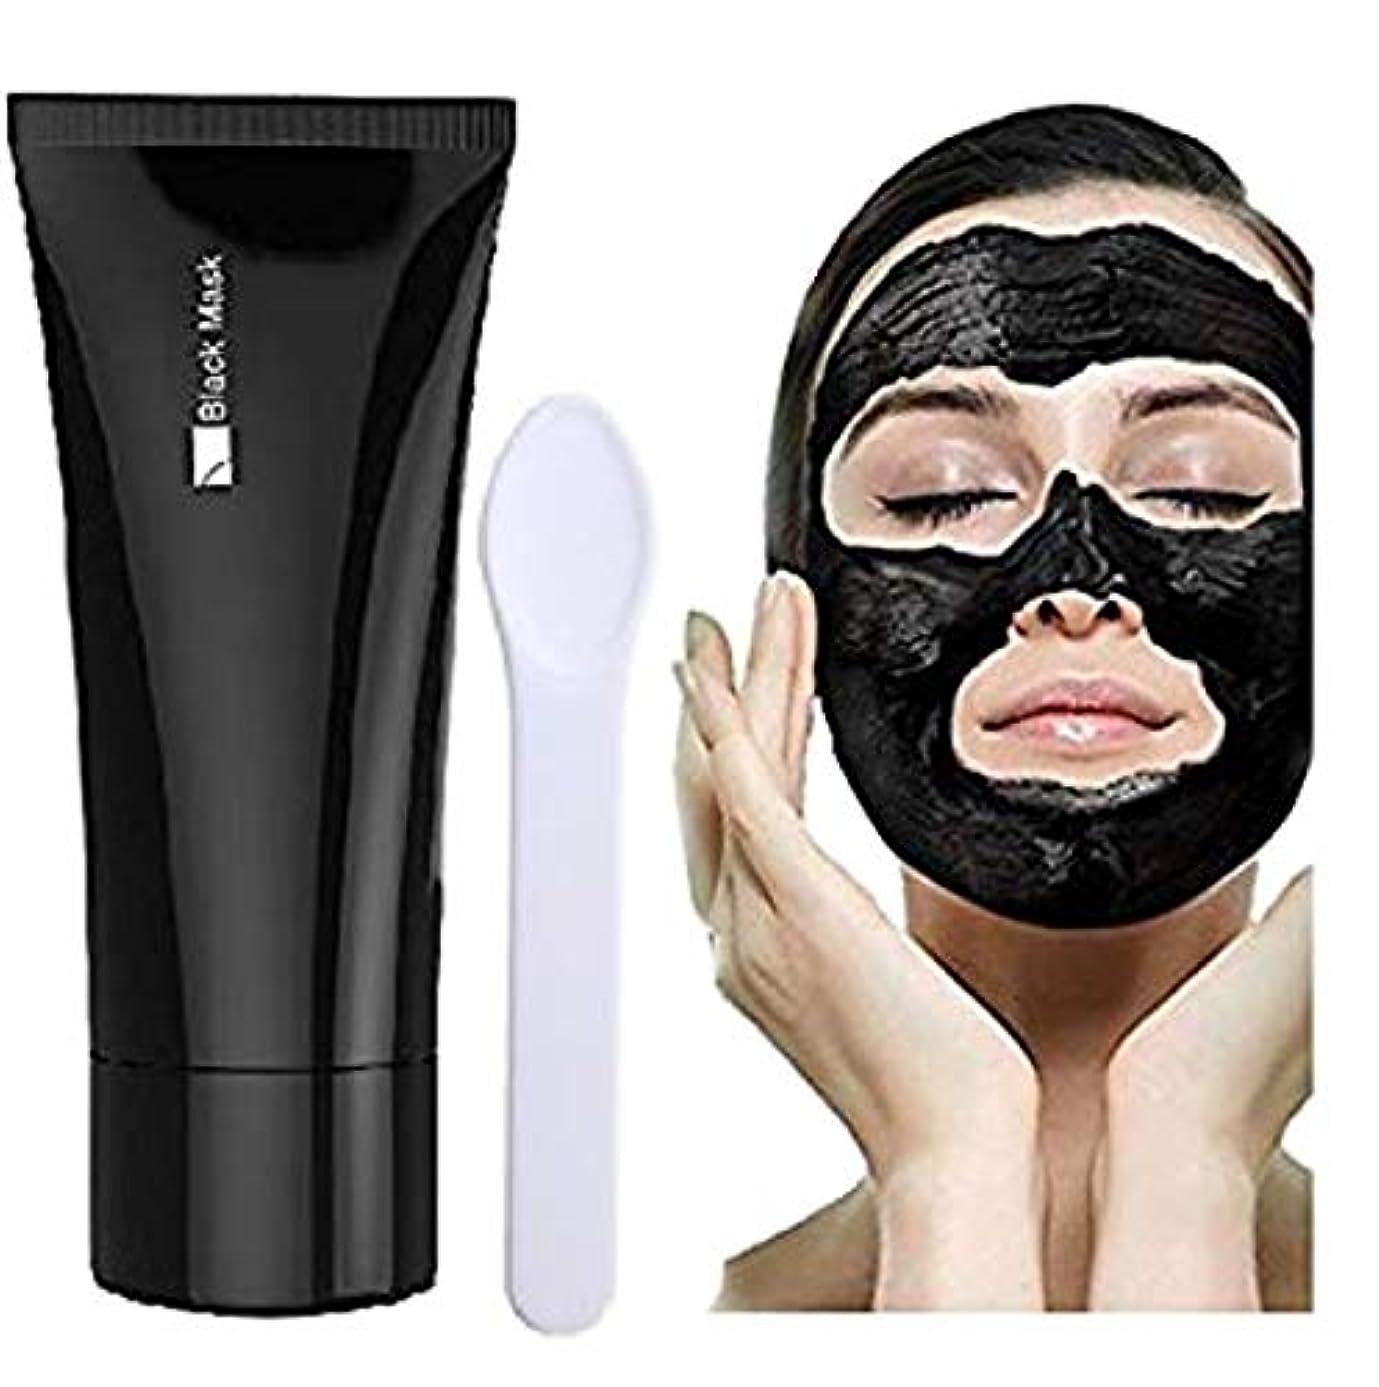 静かにコミットメント誓いBlackhead Remover Mask, Black Forest Spa-Peel Off Black Head Acne Treatments,Face Cleaning Mask+Spoon